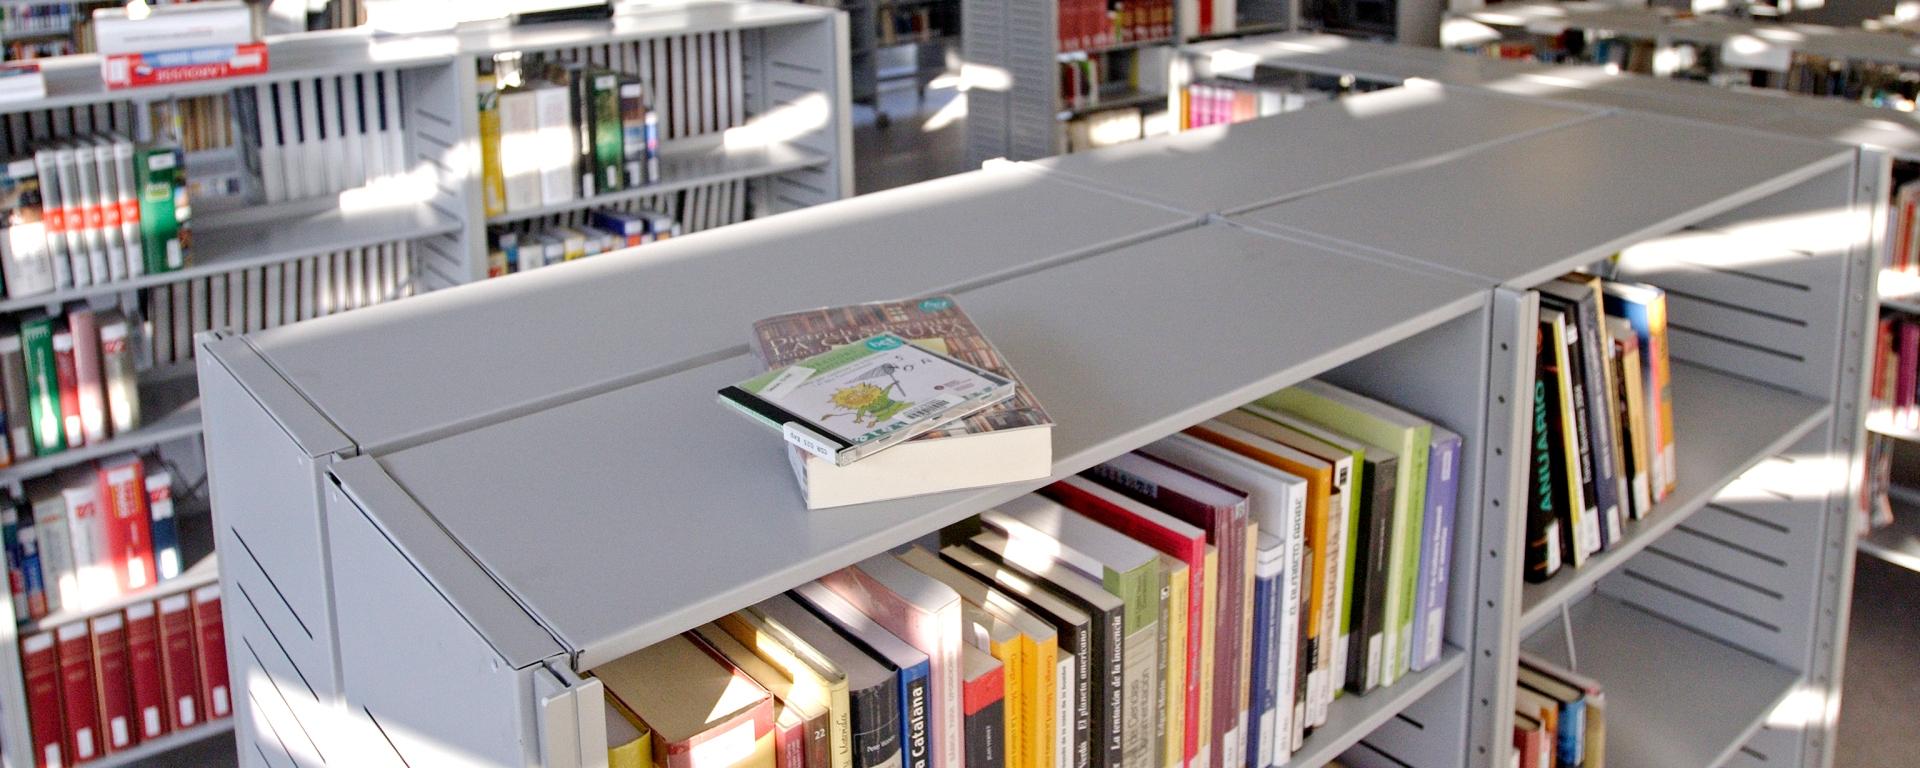 Xarxa de biblioteques municipals de Terrassa